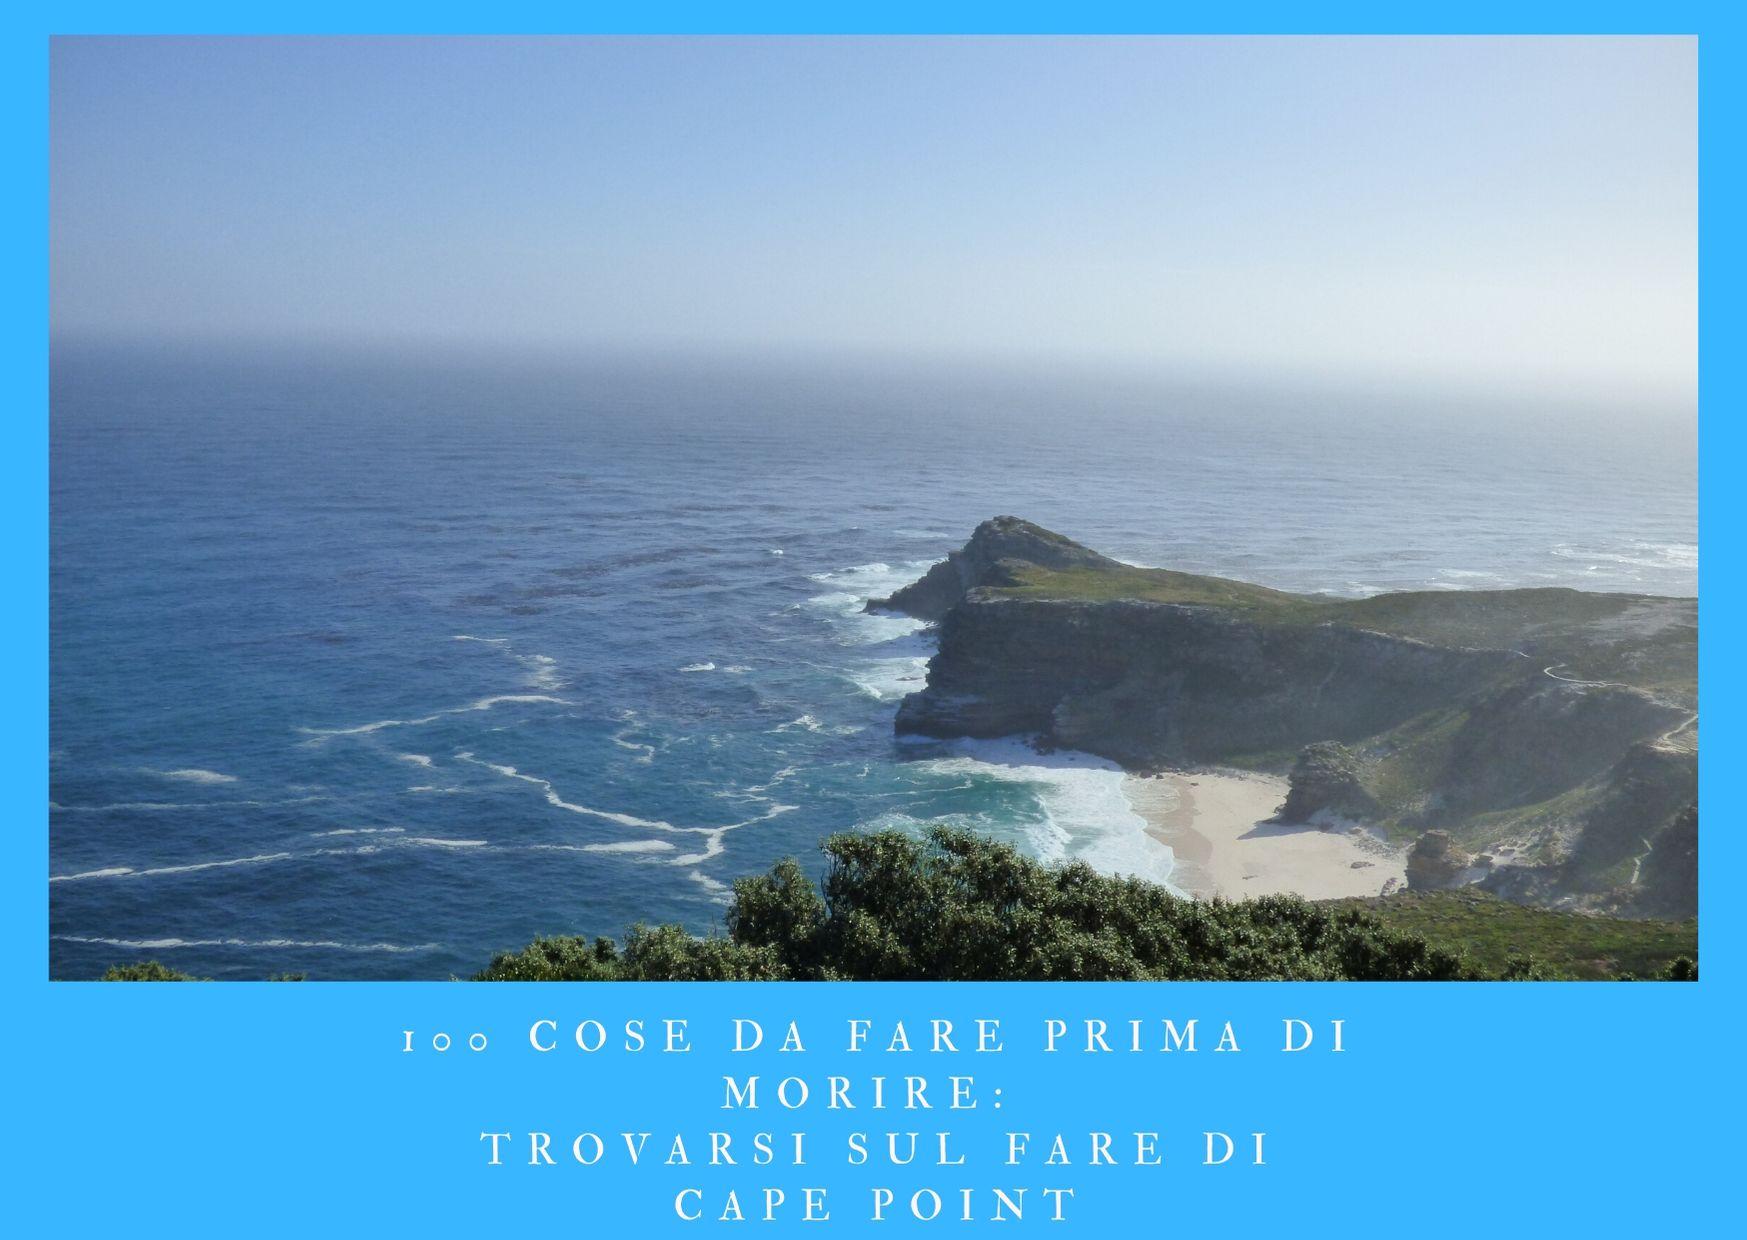 100 cose da fare prima di morire - trovarsi sul faro di Cape Point